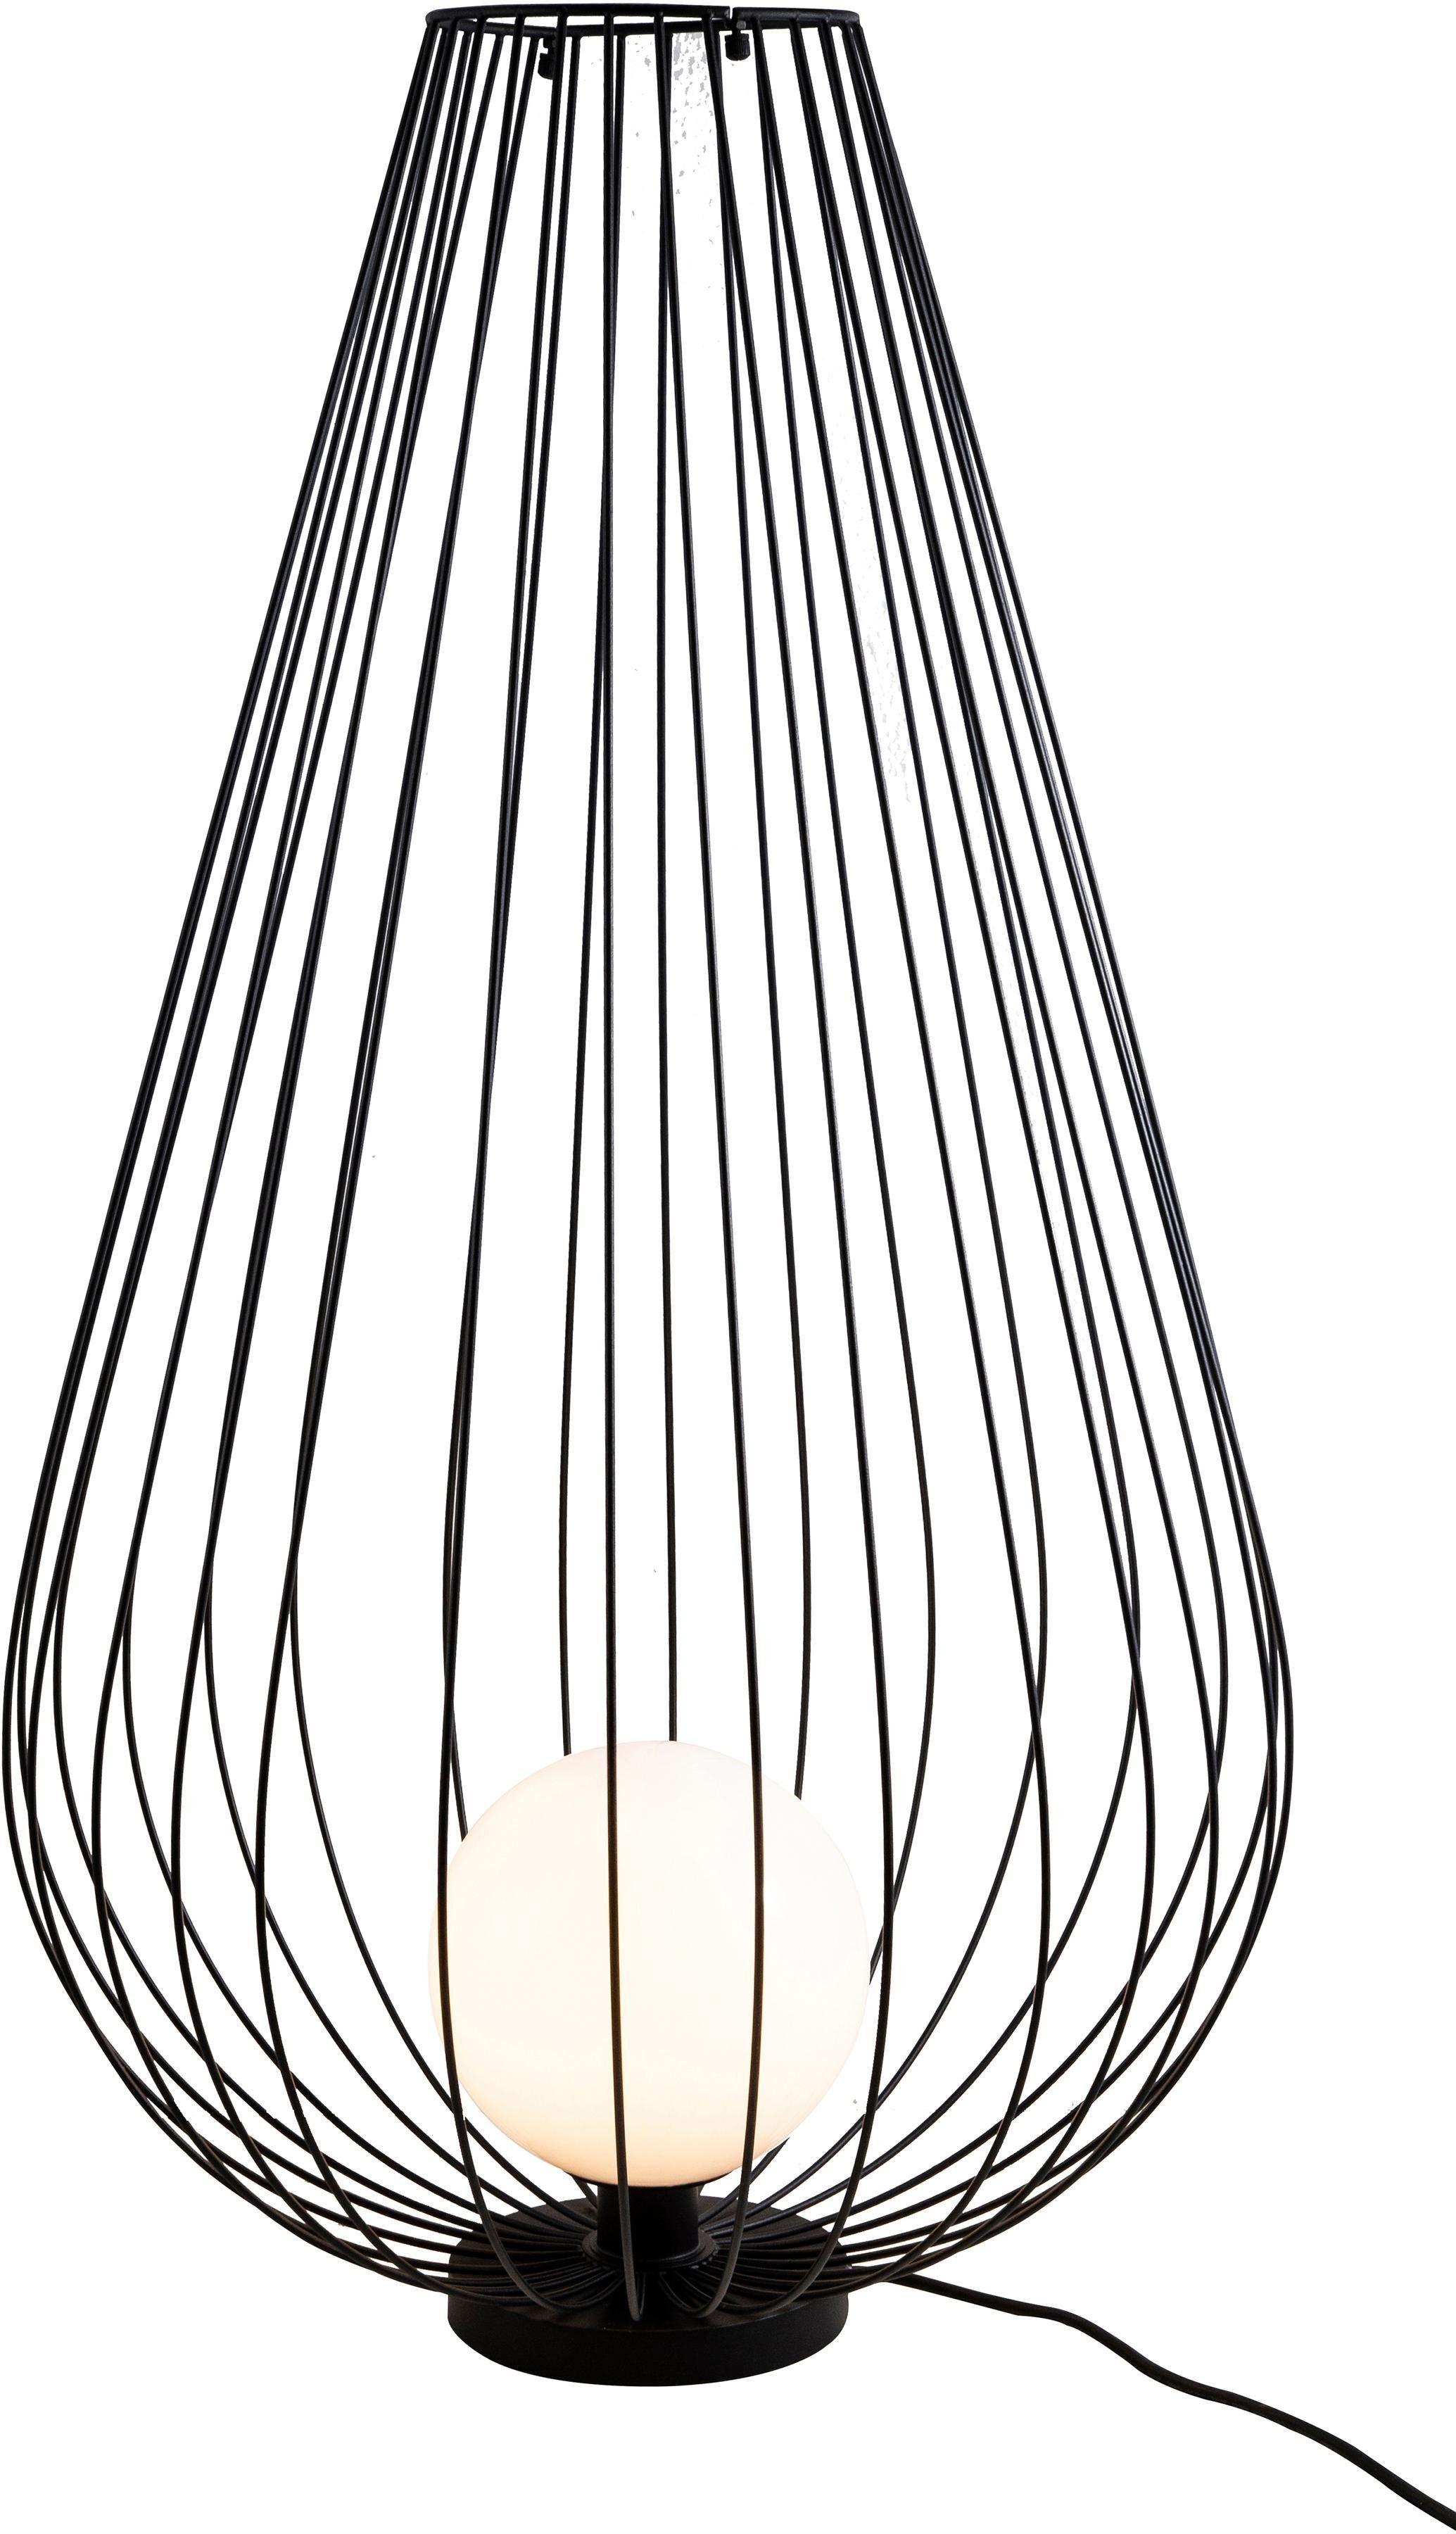 Nino LeuchtenAußen-StehlampeVEGA Wohnen/Accessoires & Leuchten/Lampen & Leuchten/Außenleuchten/Außenstandleuchten